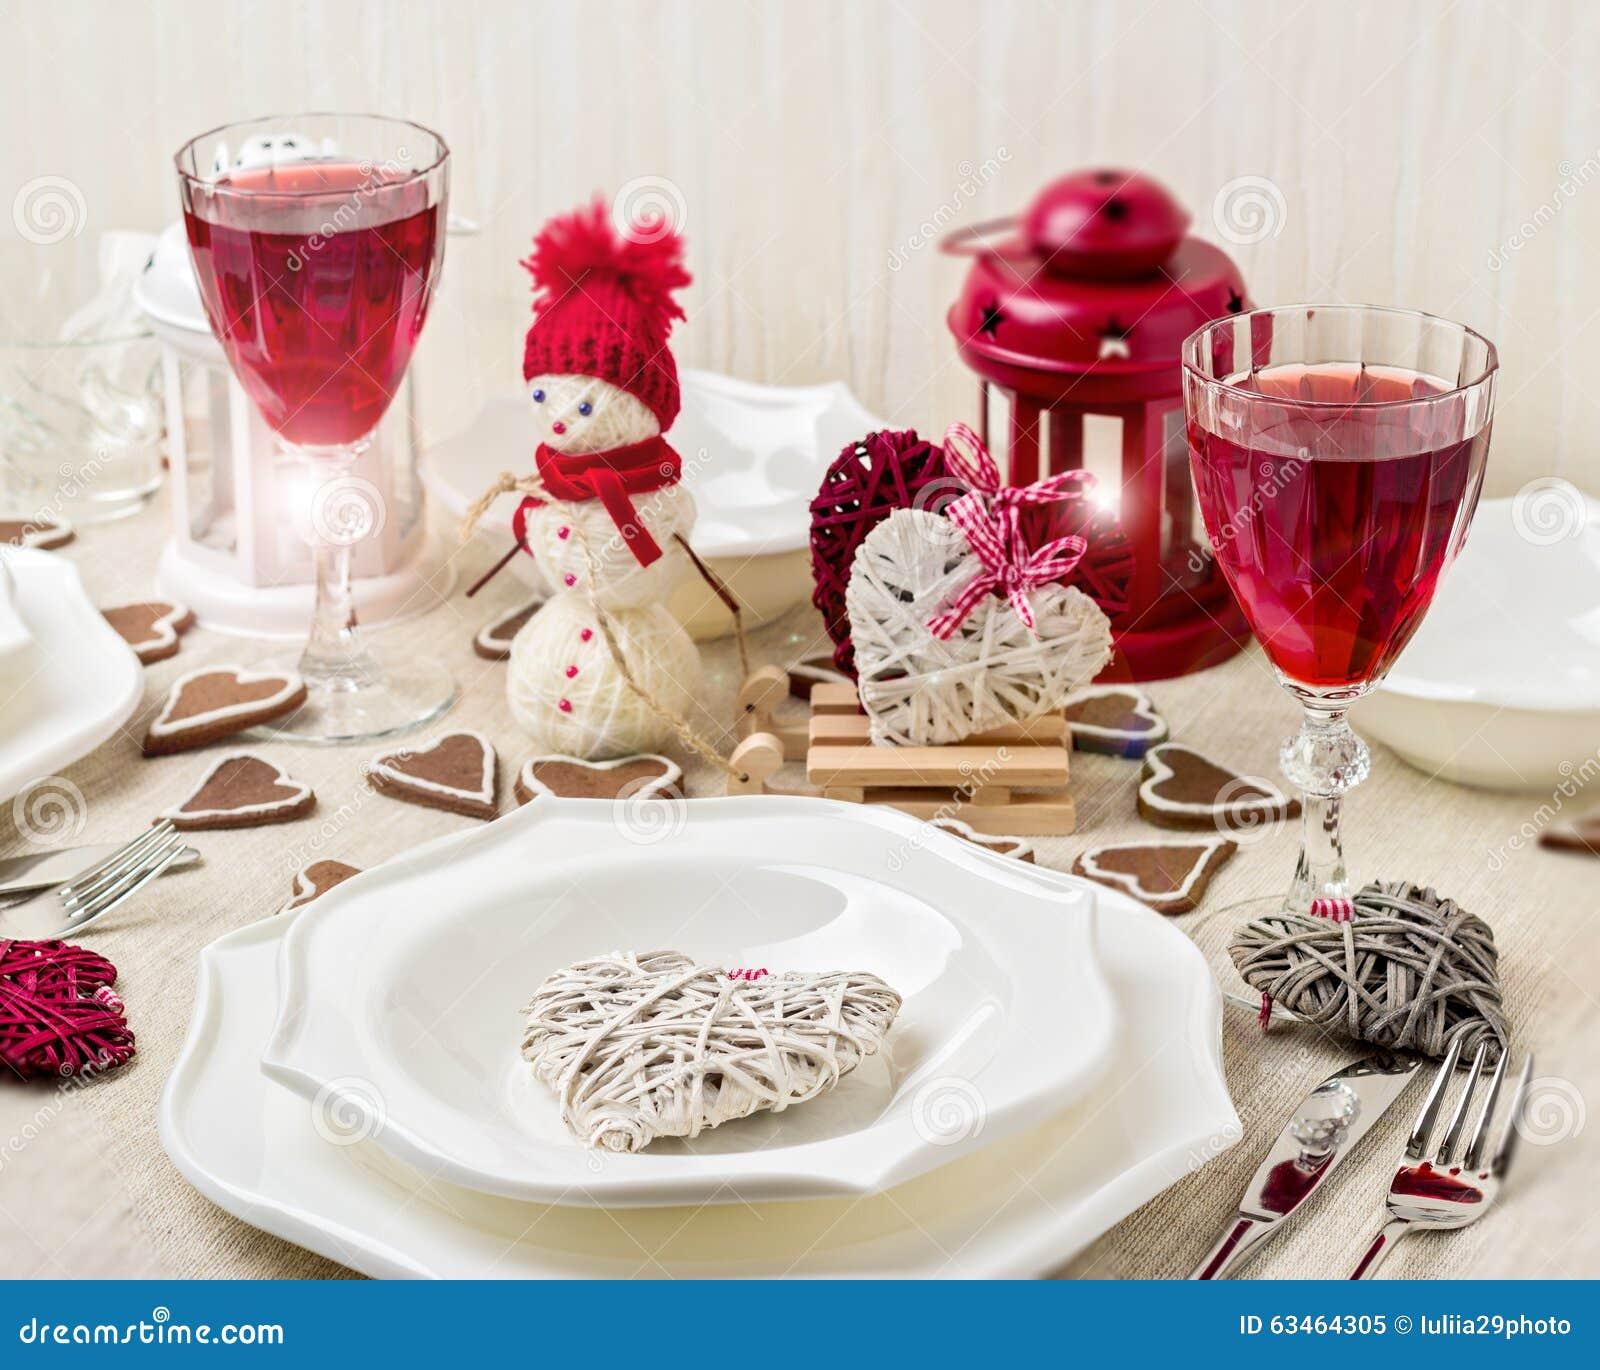 Romantischer Bettsex Am Valentinstag